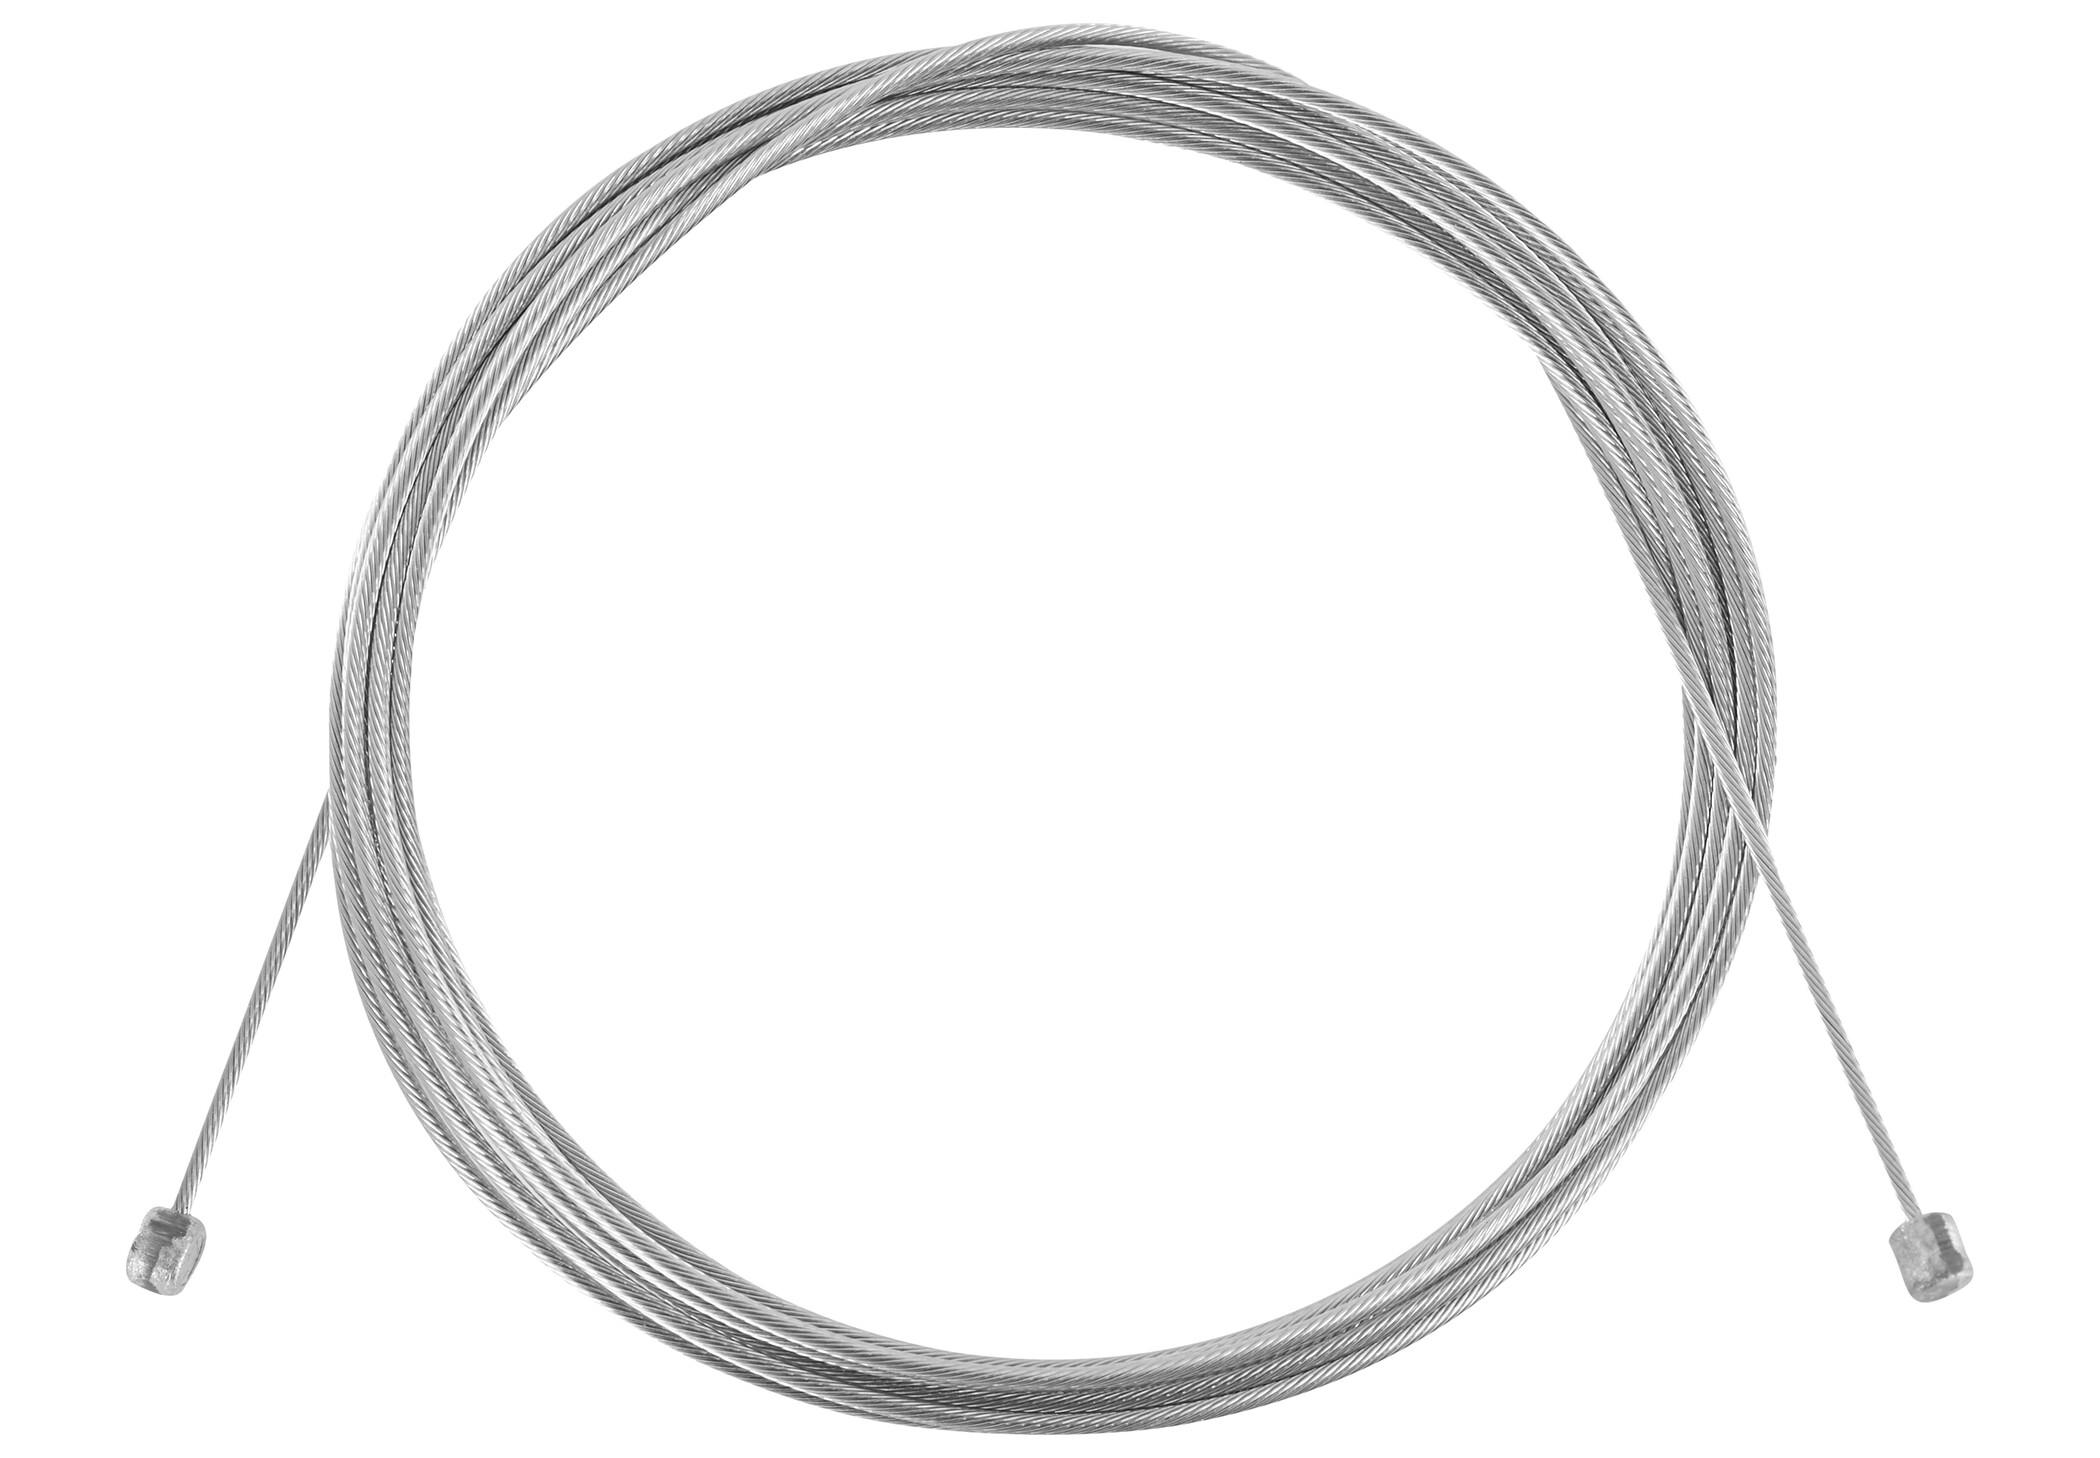 Asista Inox universalgearkabel Gearkabel 205cm (2019) | Gear cables